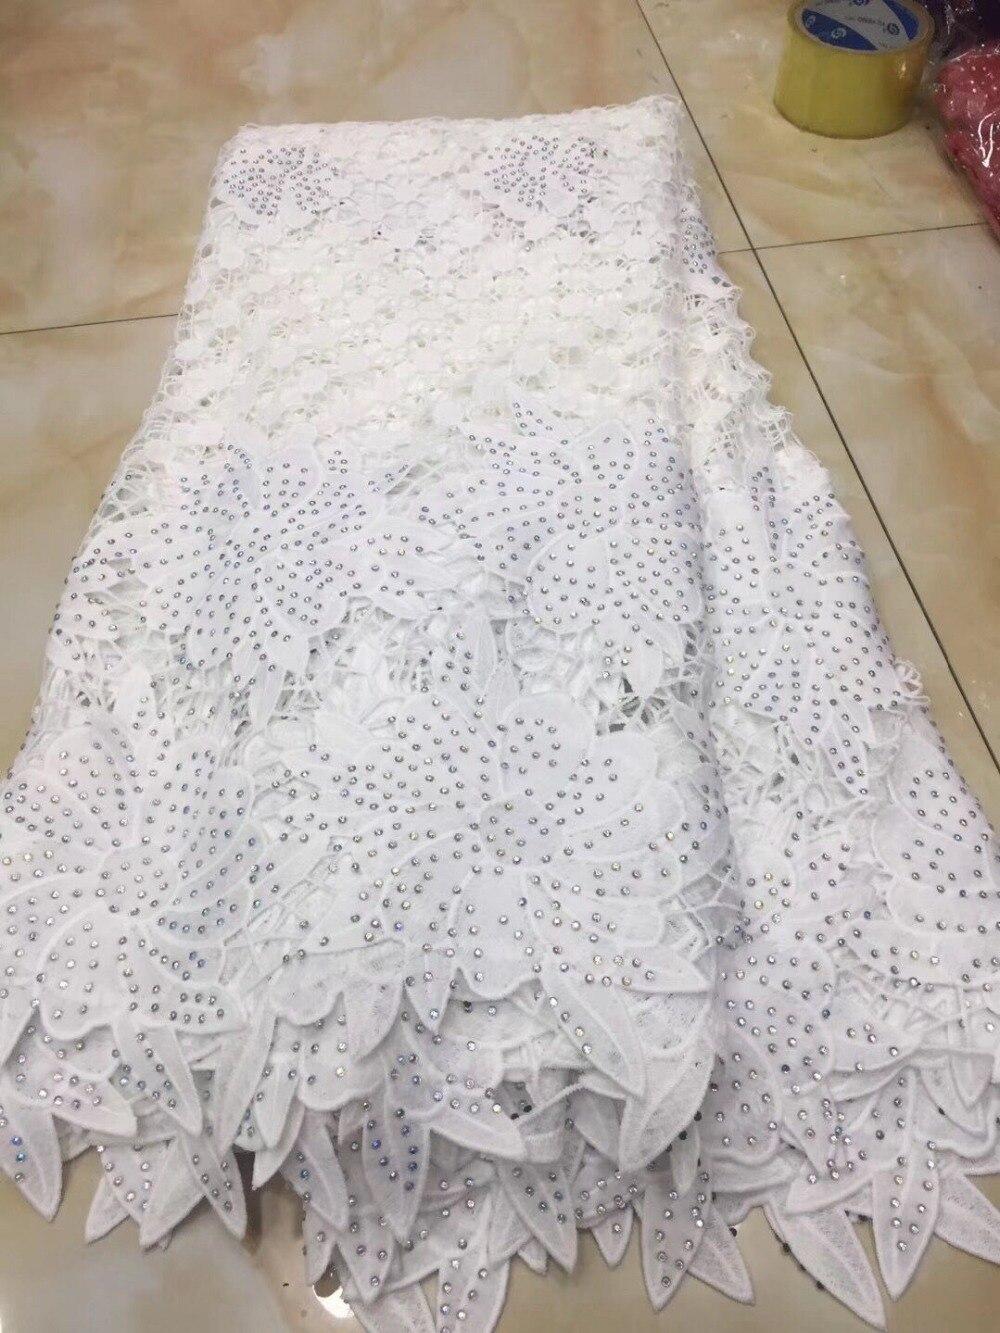 화이트 아프리카 코드 레이스 직물 여성을위한 고품질 드레스 2018 최신 guipure 레이스 원단 비즈 나이지리아 레이스-에서레이스부터 홈 & 가든 의  그룹 1